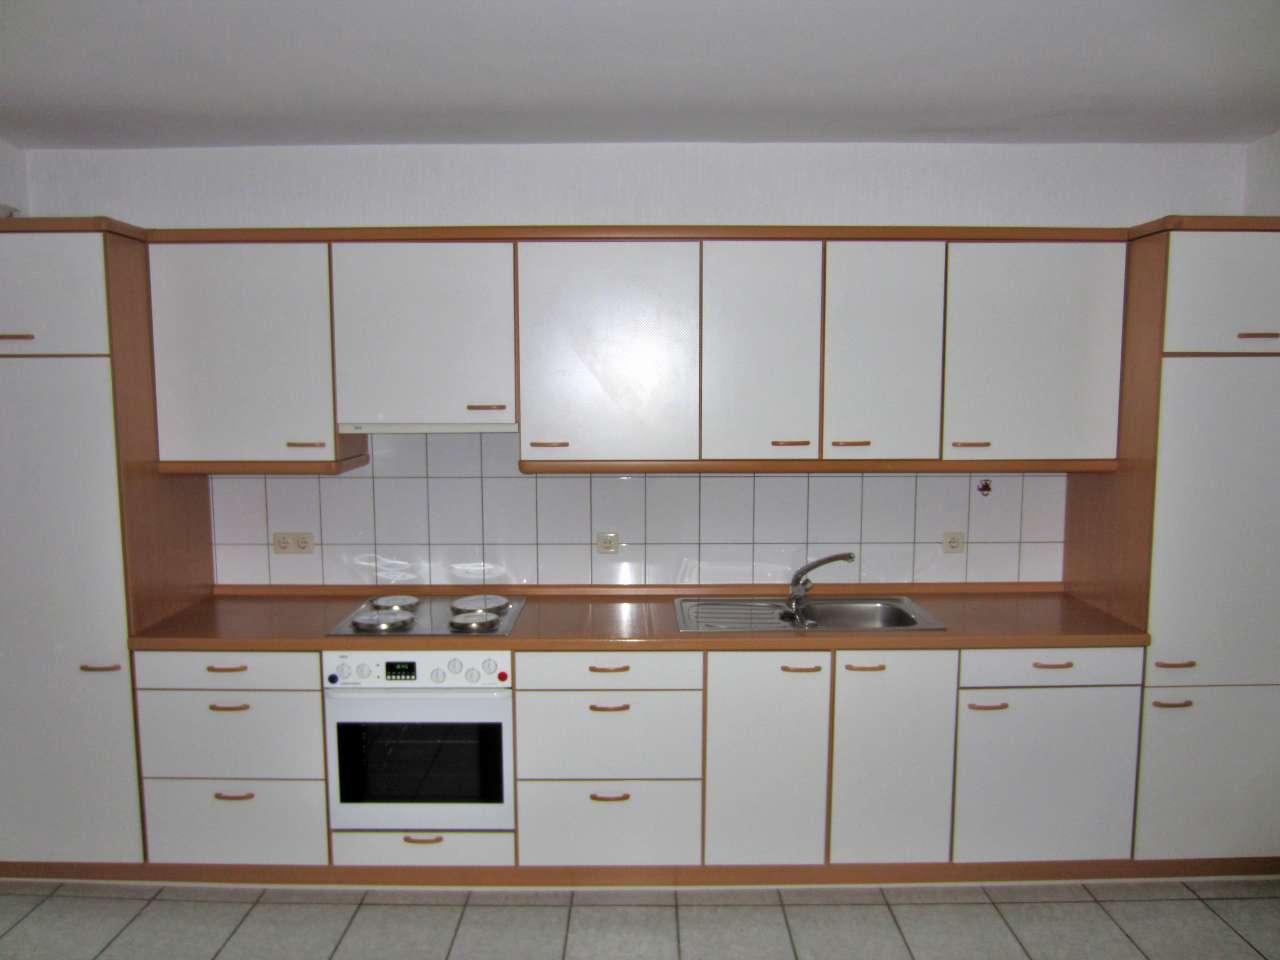 Einbauküche weiss / Buche mit Elektrogeräten